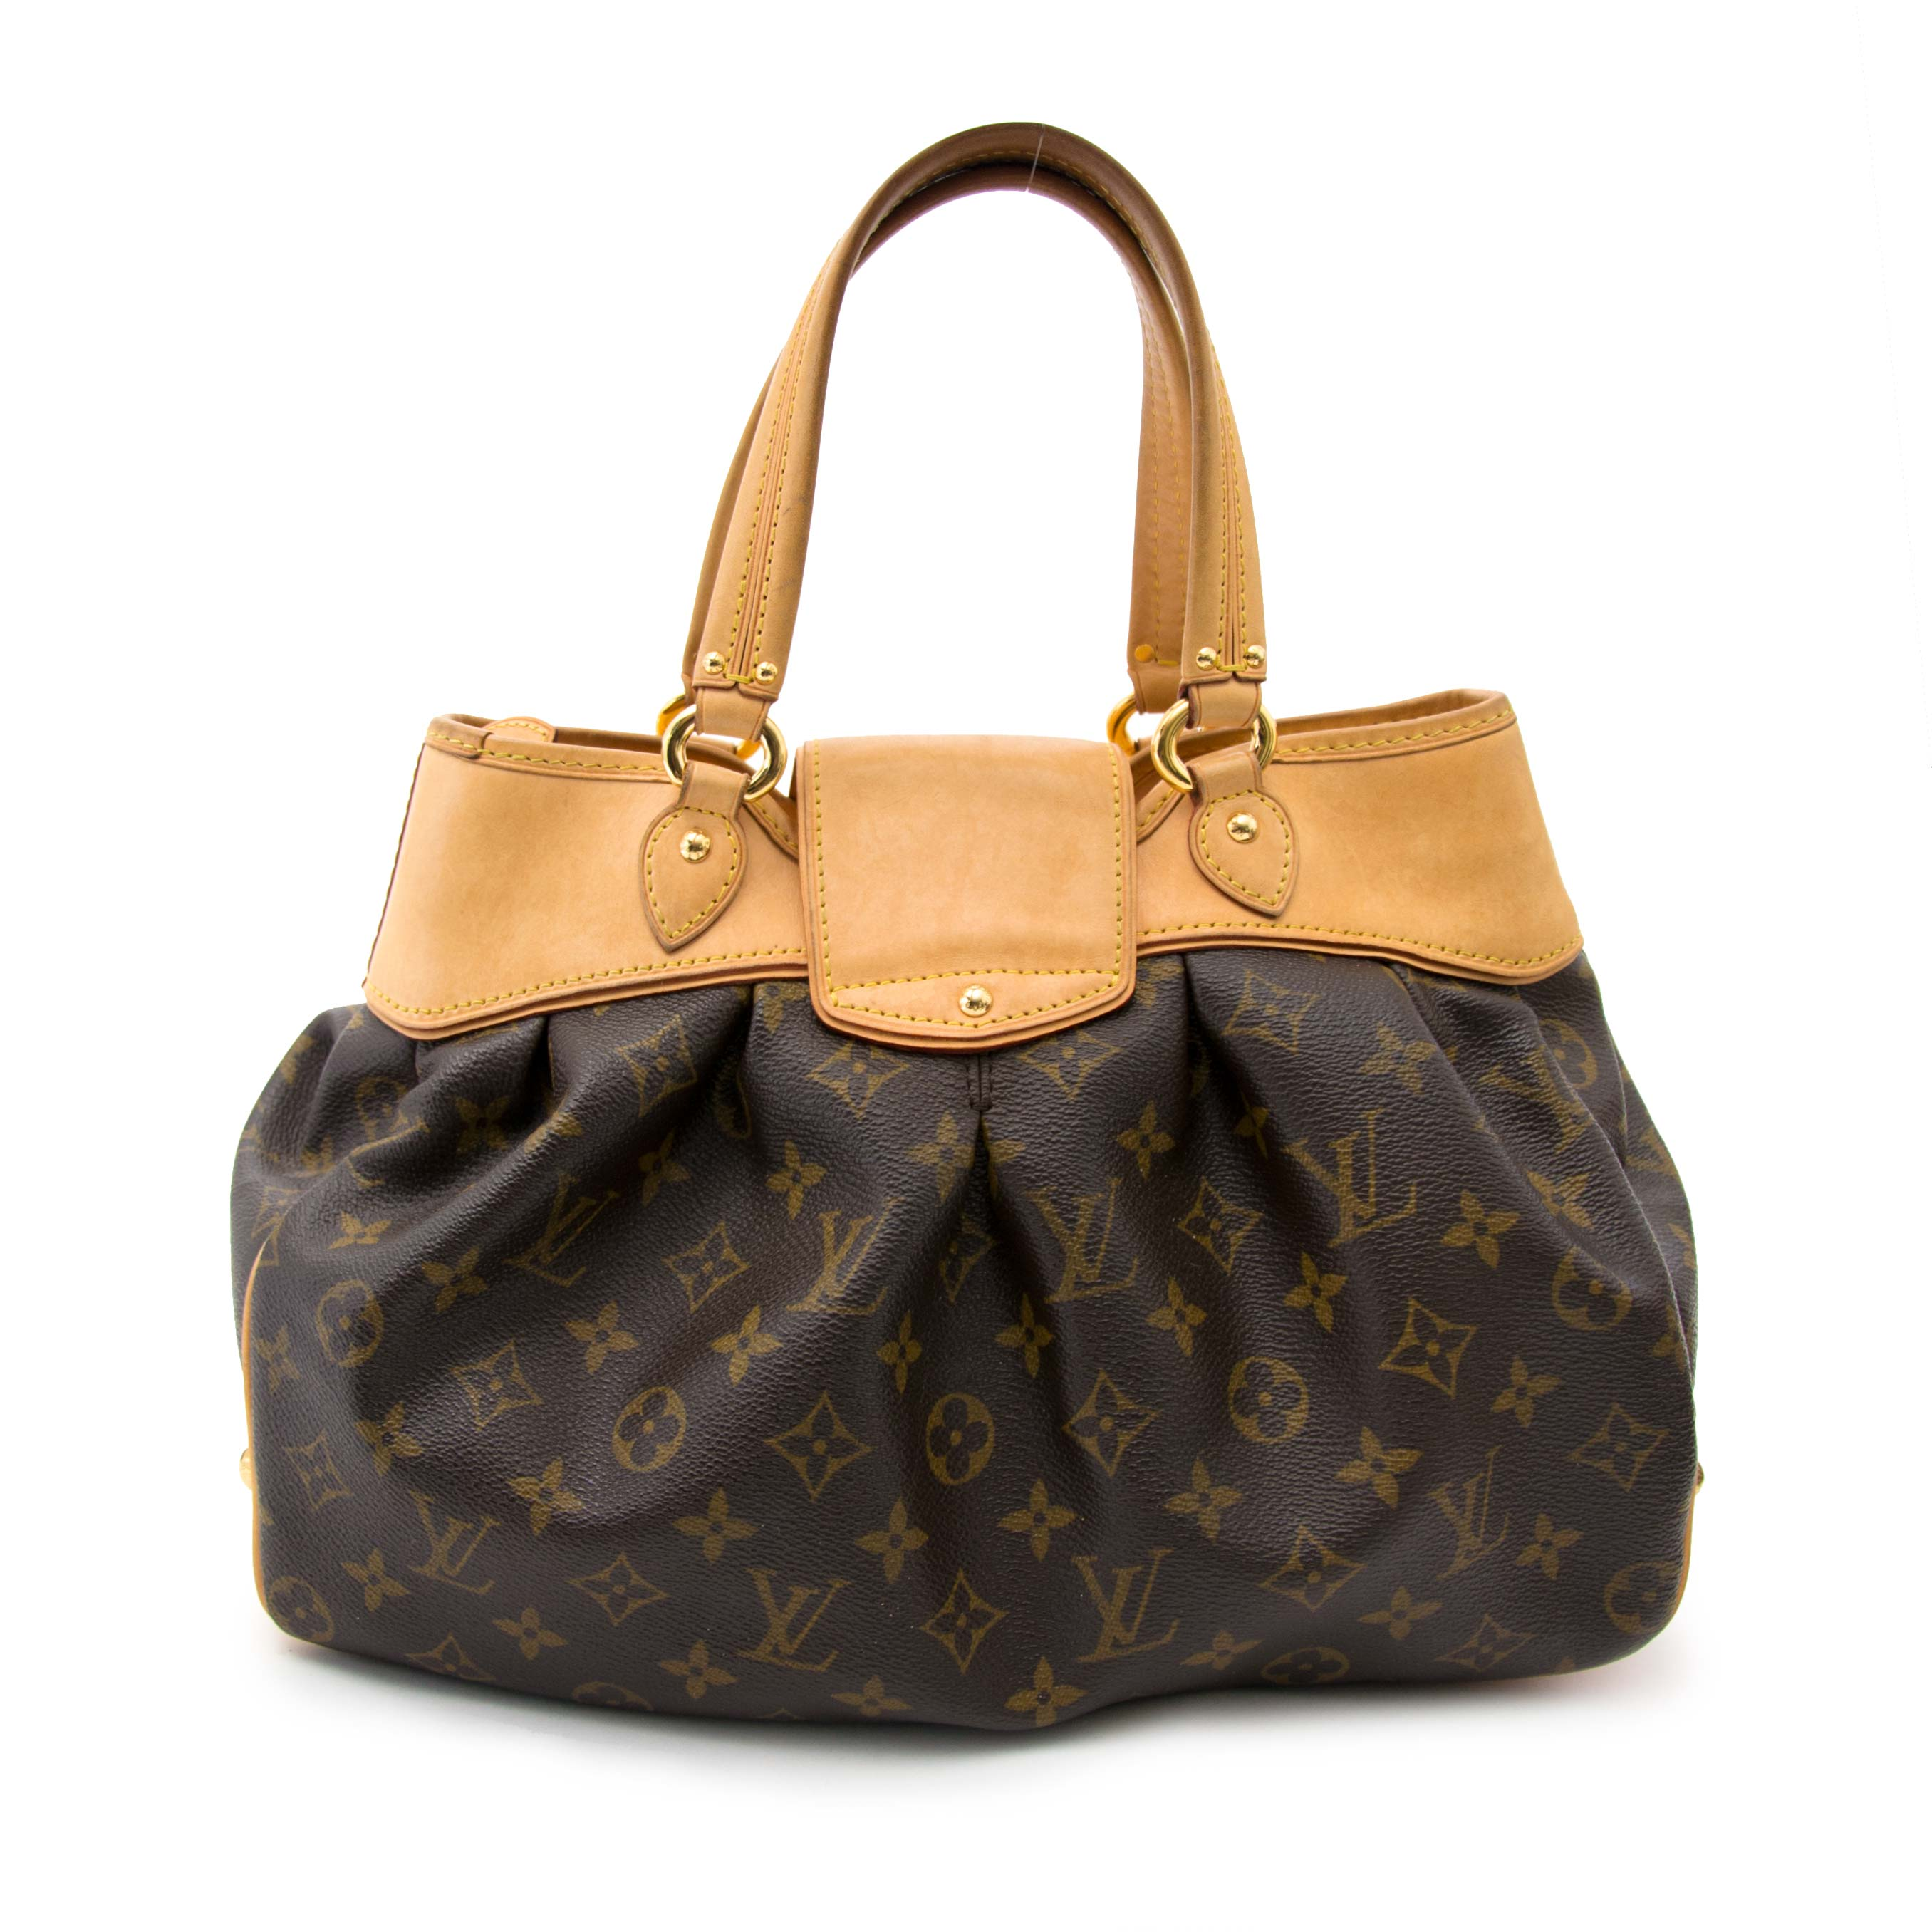 Louis Vuitton Boeti PM te koop bij Labellov